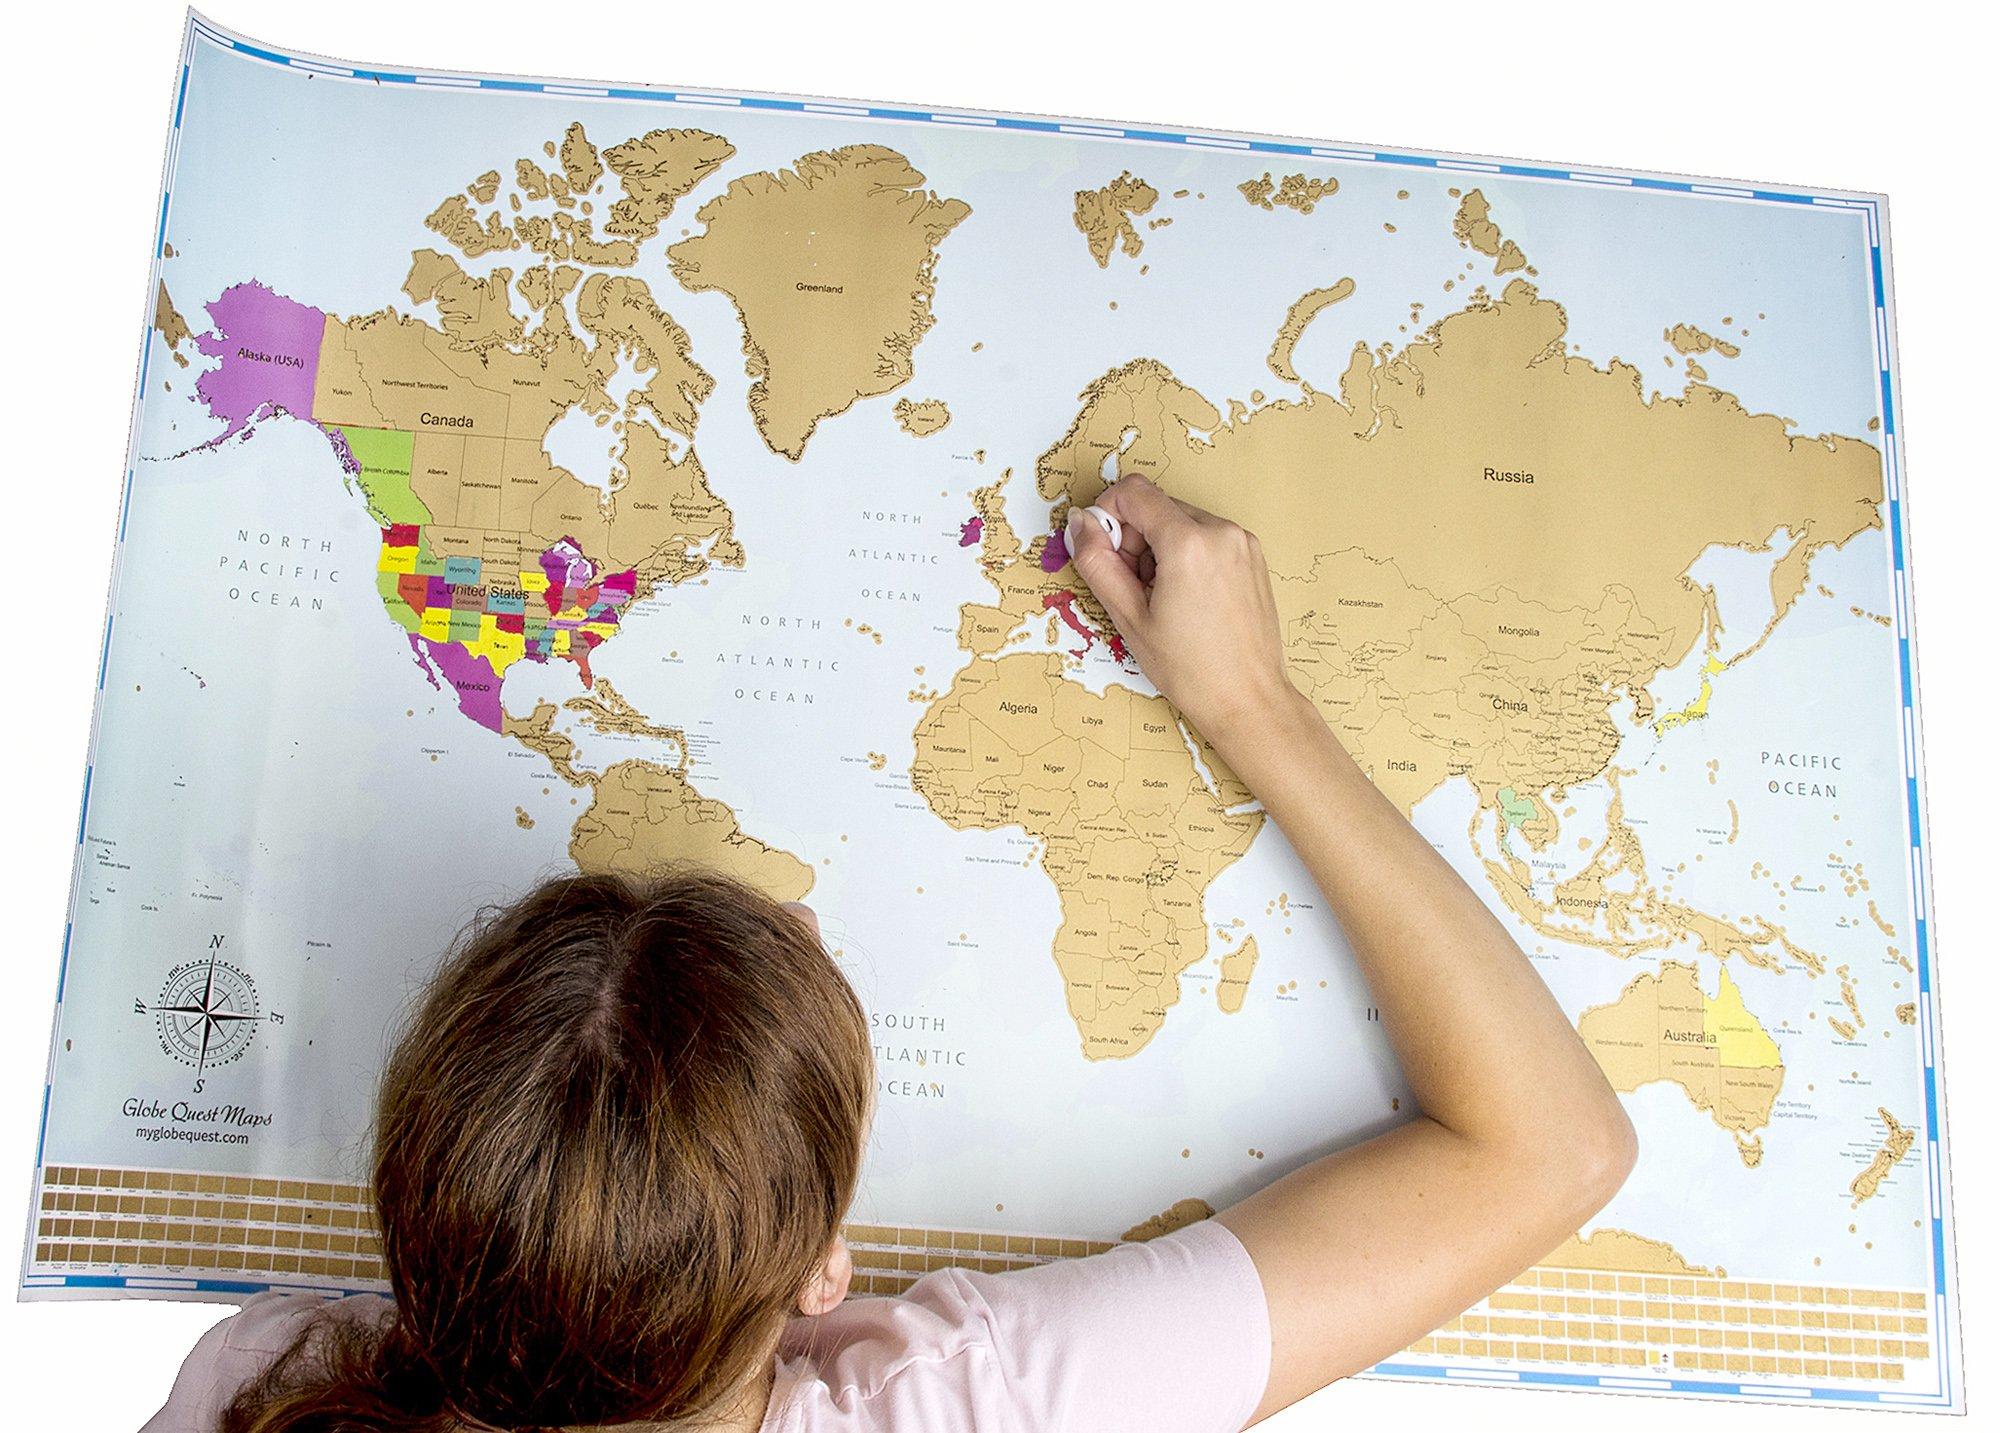 Mapa mundi para rascar | Colores vibrantes y textos en negrita | Mapamundi rascable Incluyendo españa |Regalo para viajeros | Edición deluxe 60 cm (alto) x 90 cm (ancho)-poster para pared |Globetrotter